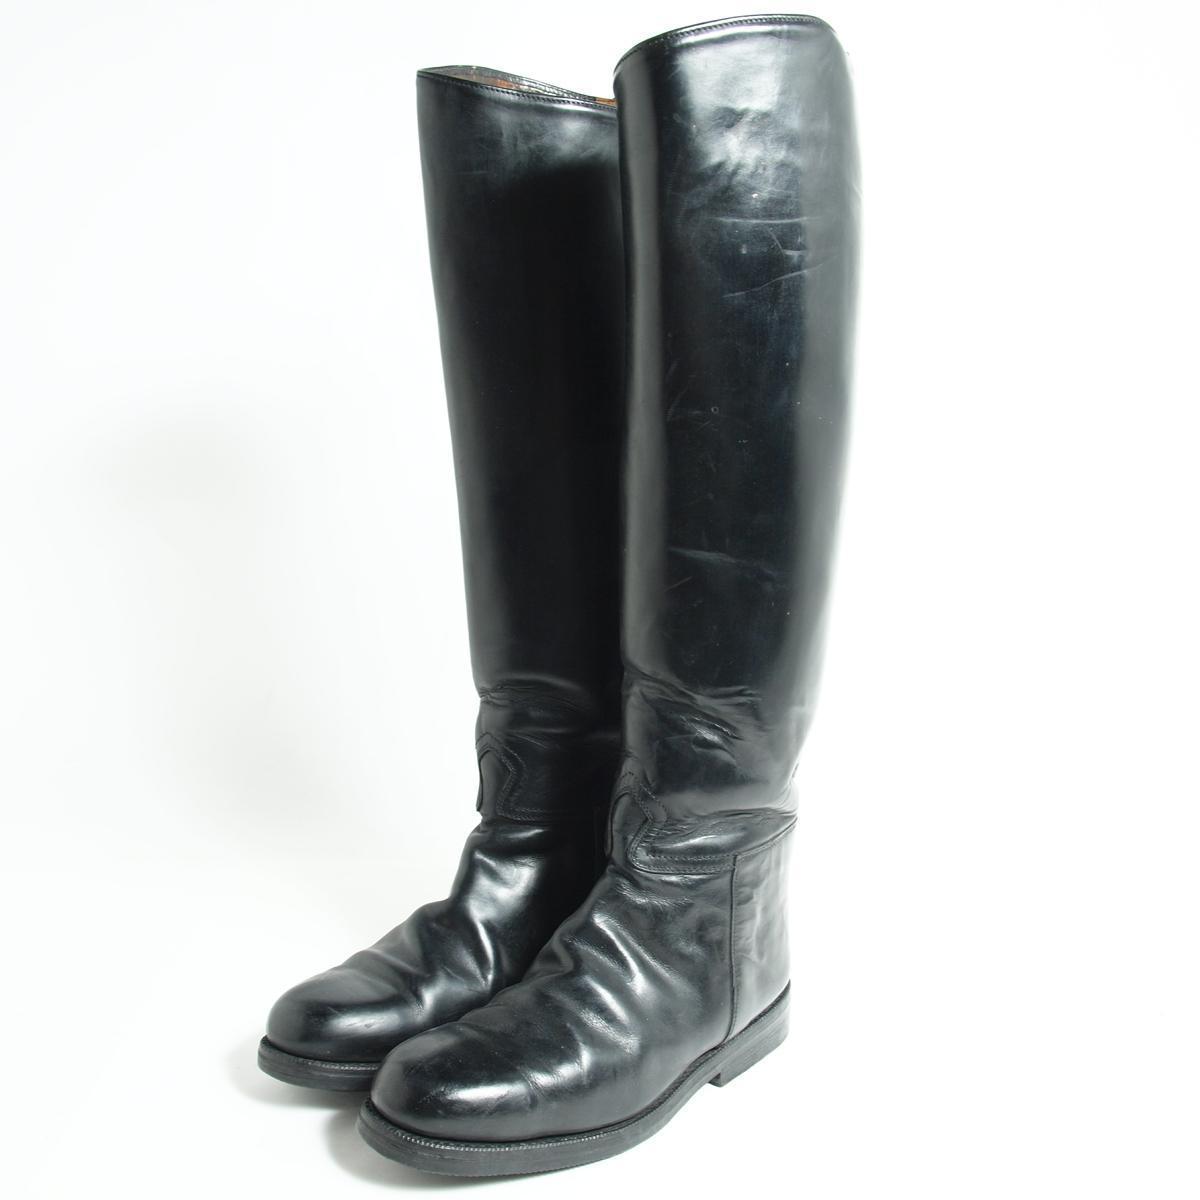 本革レザー ジョッキー乗馬ブーツ 5.5 レディース23.5cm /bok2240 【中古】 【190110】